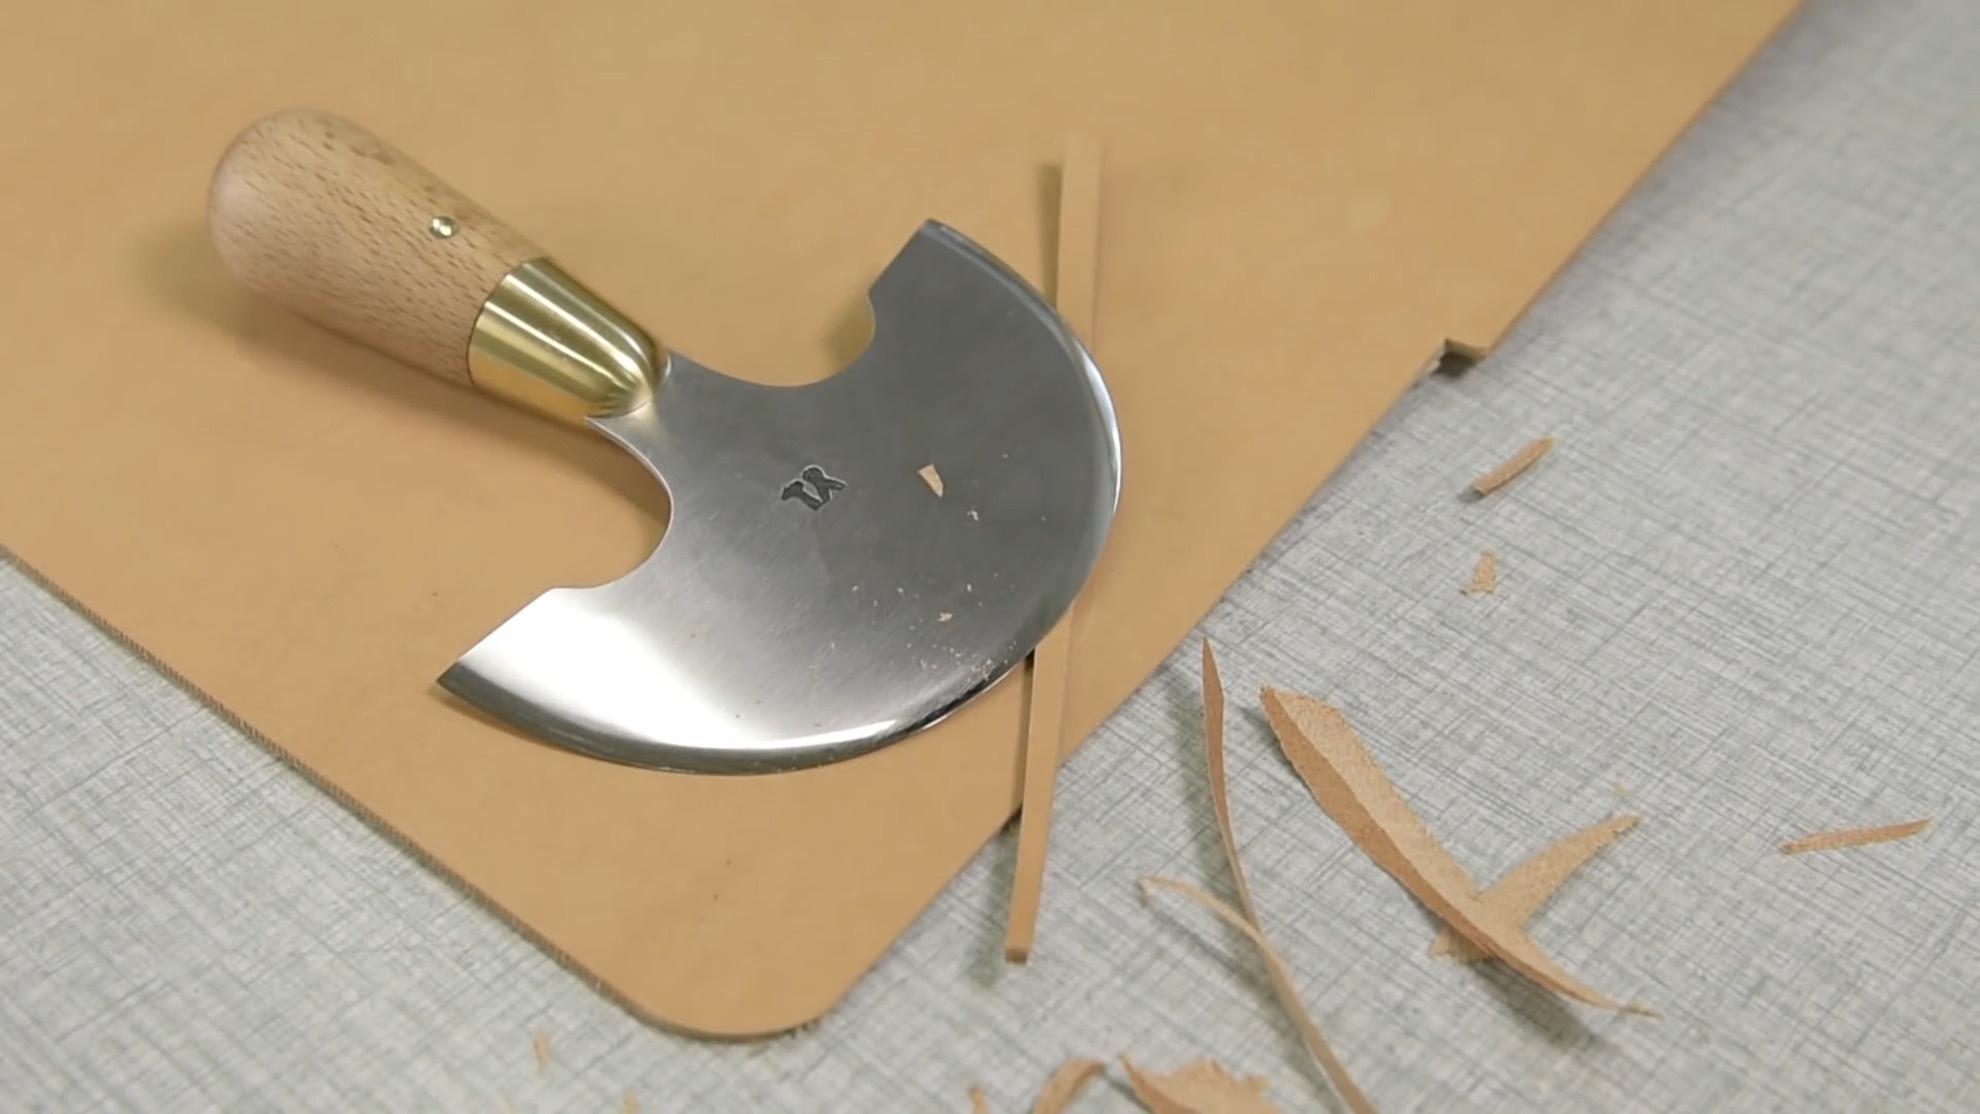 刀匠 | 手工定制美式半月形裁皮刀制作过程